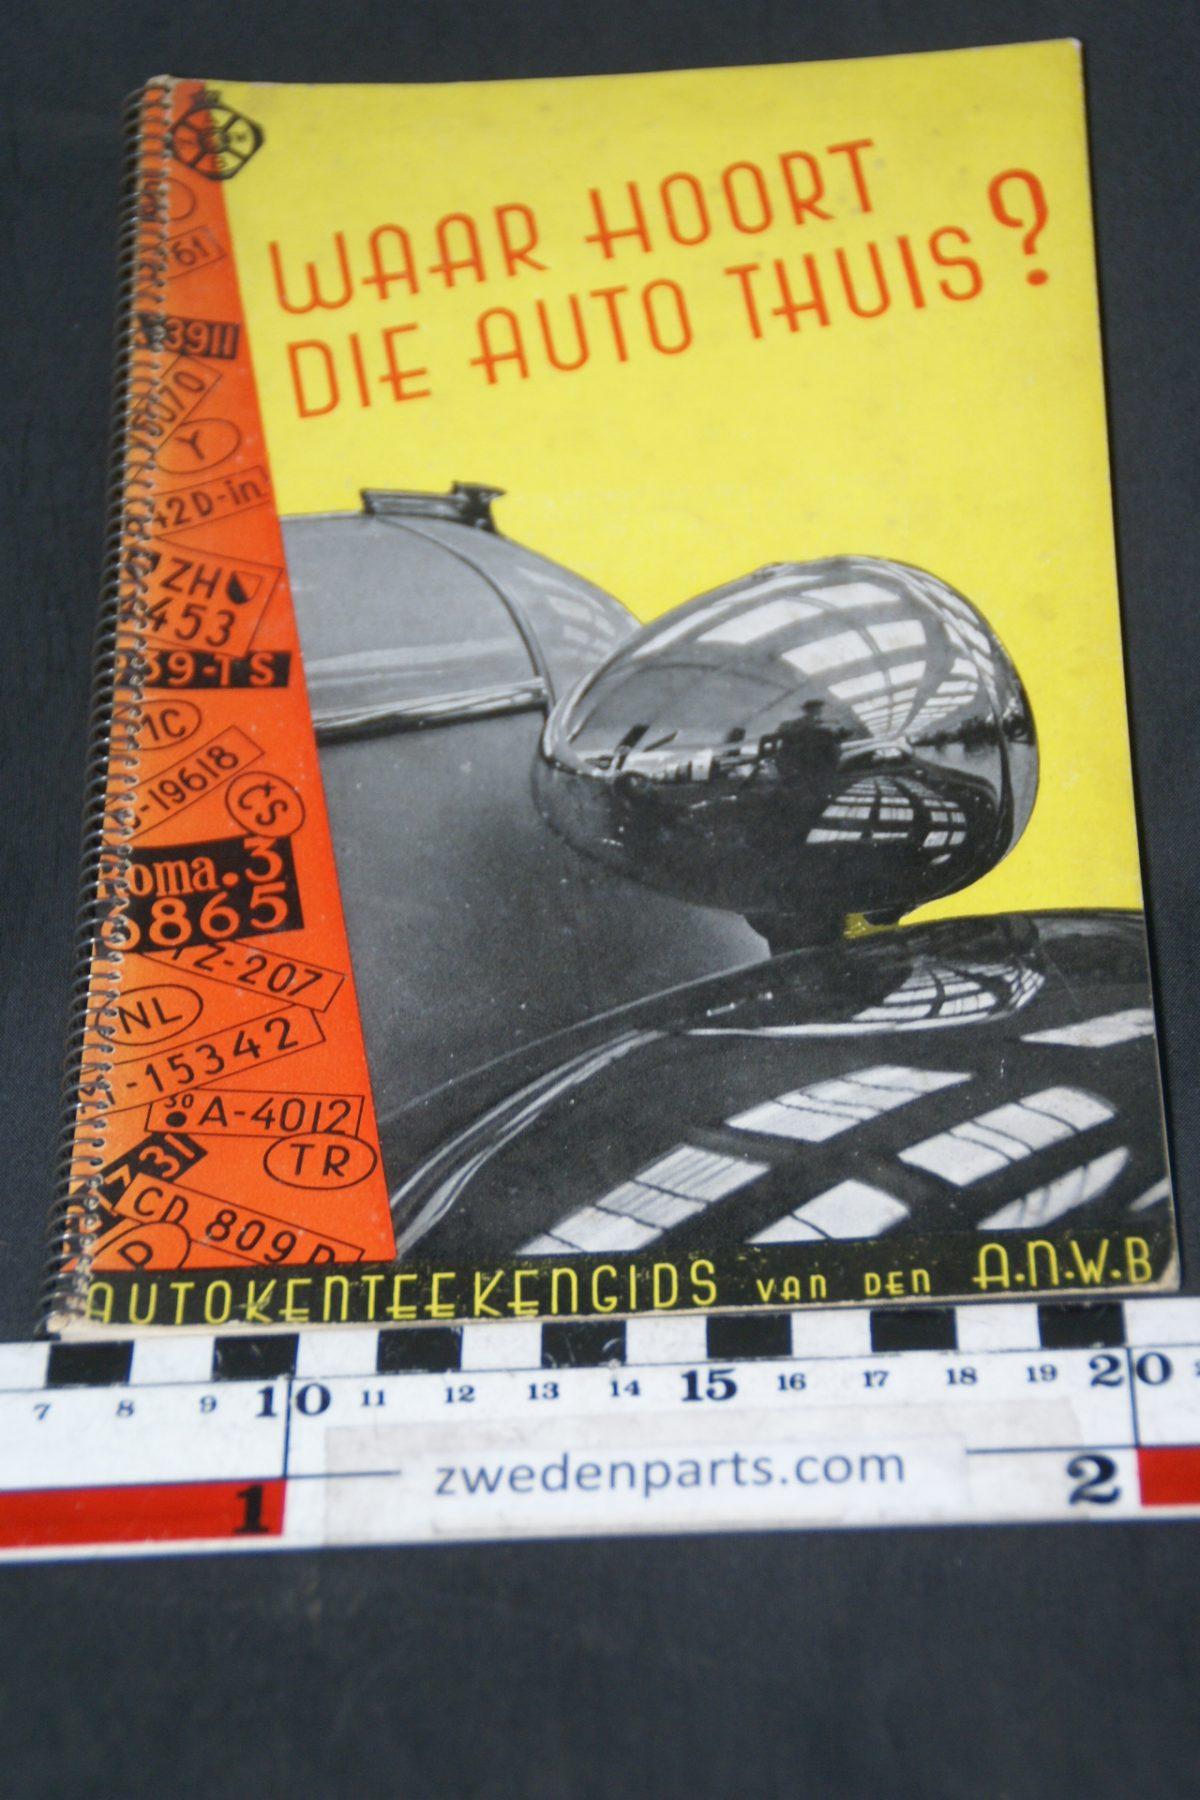 DSC04933 50er jaren ANWB Waar hoort die auto thuis boek